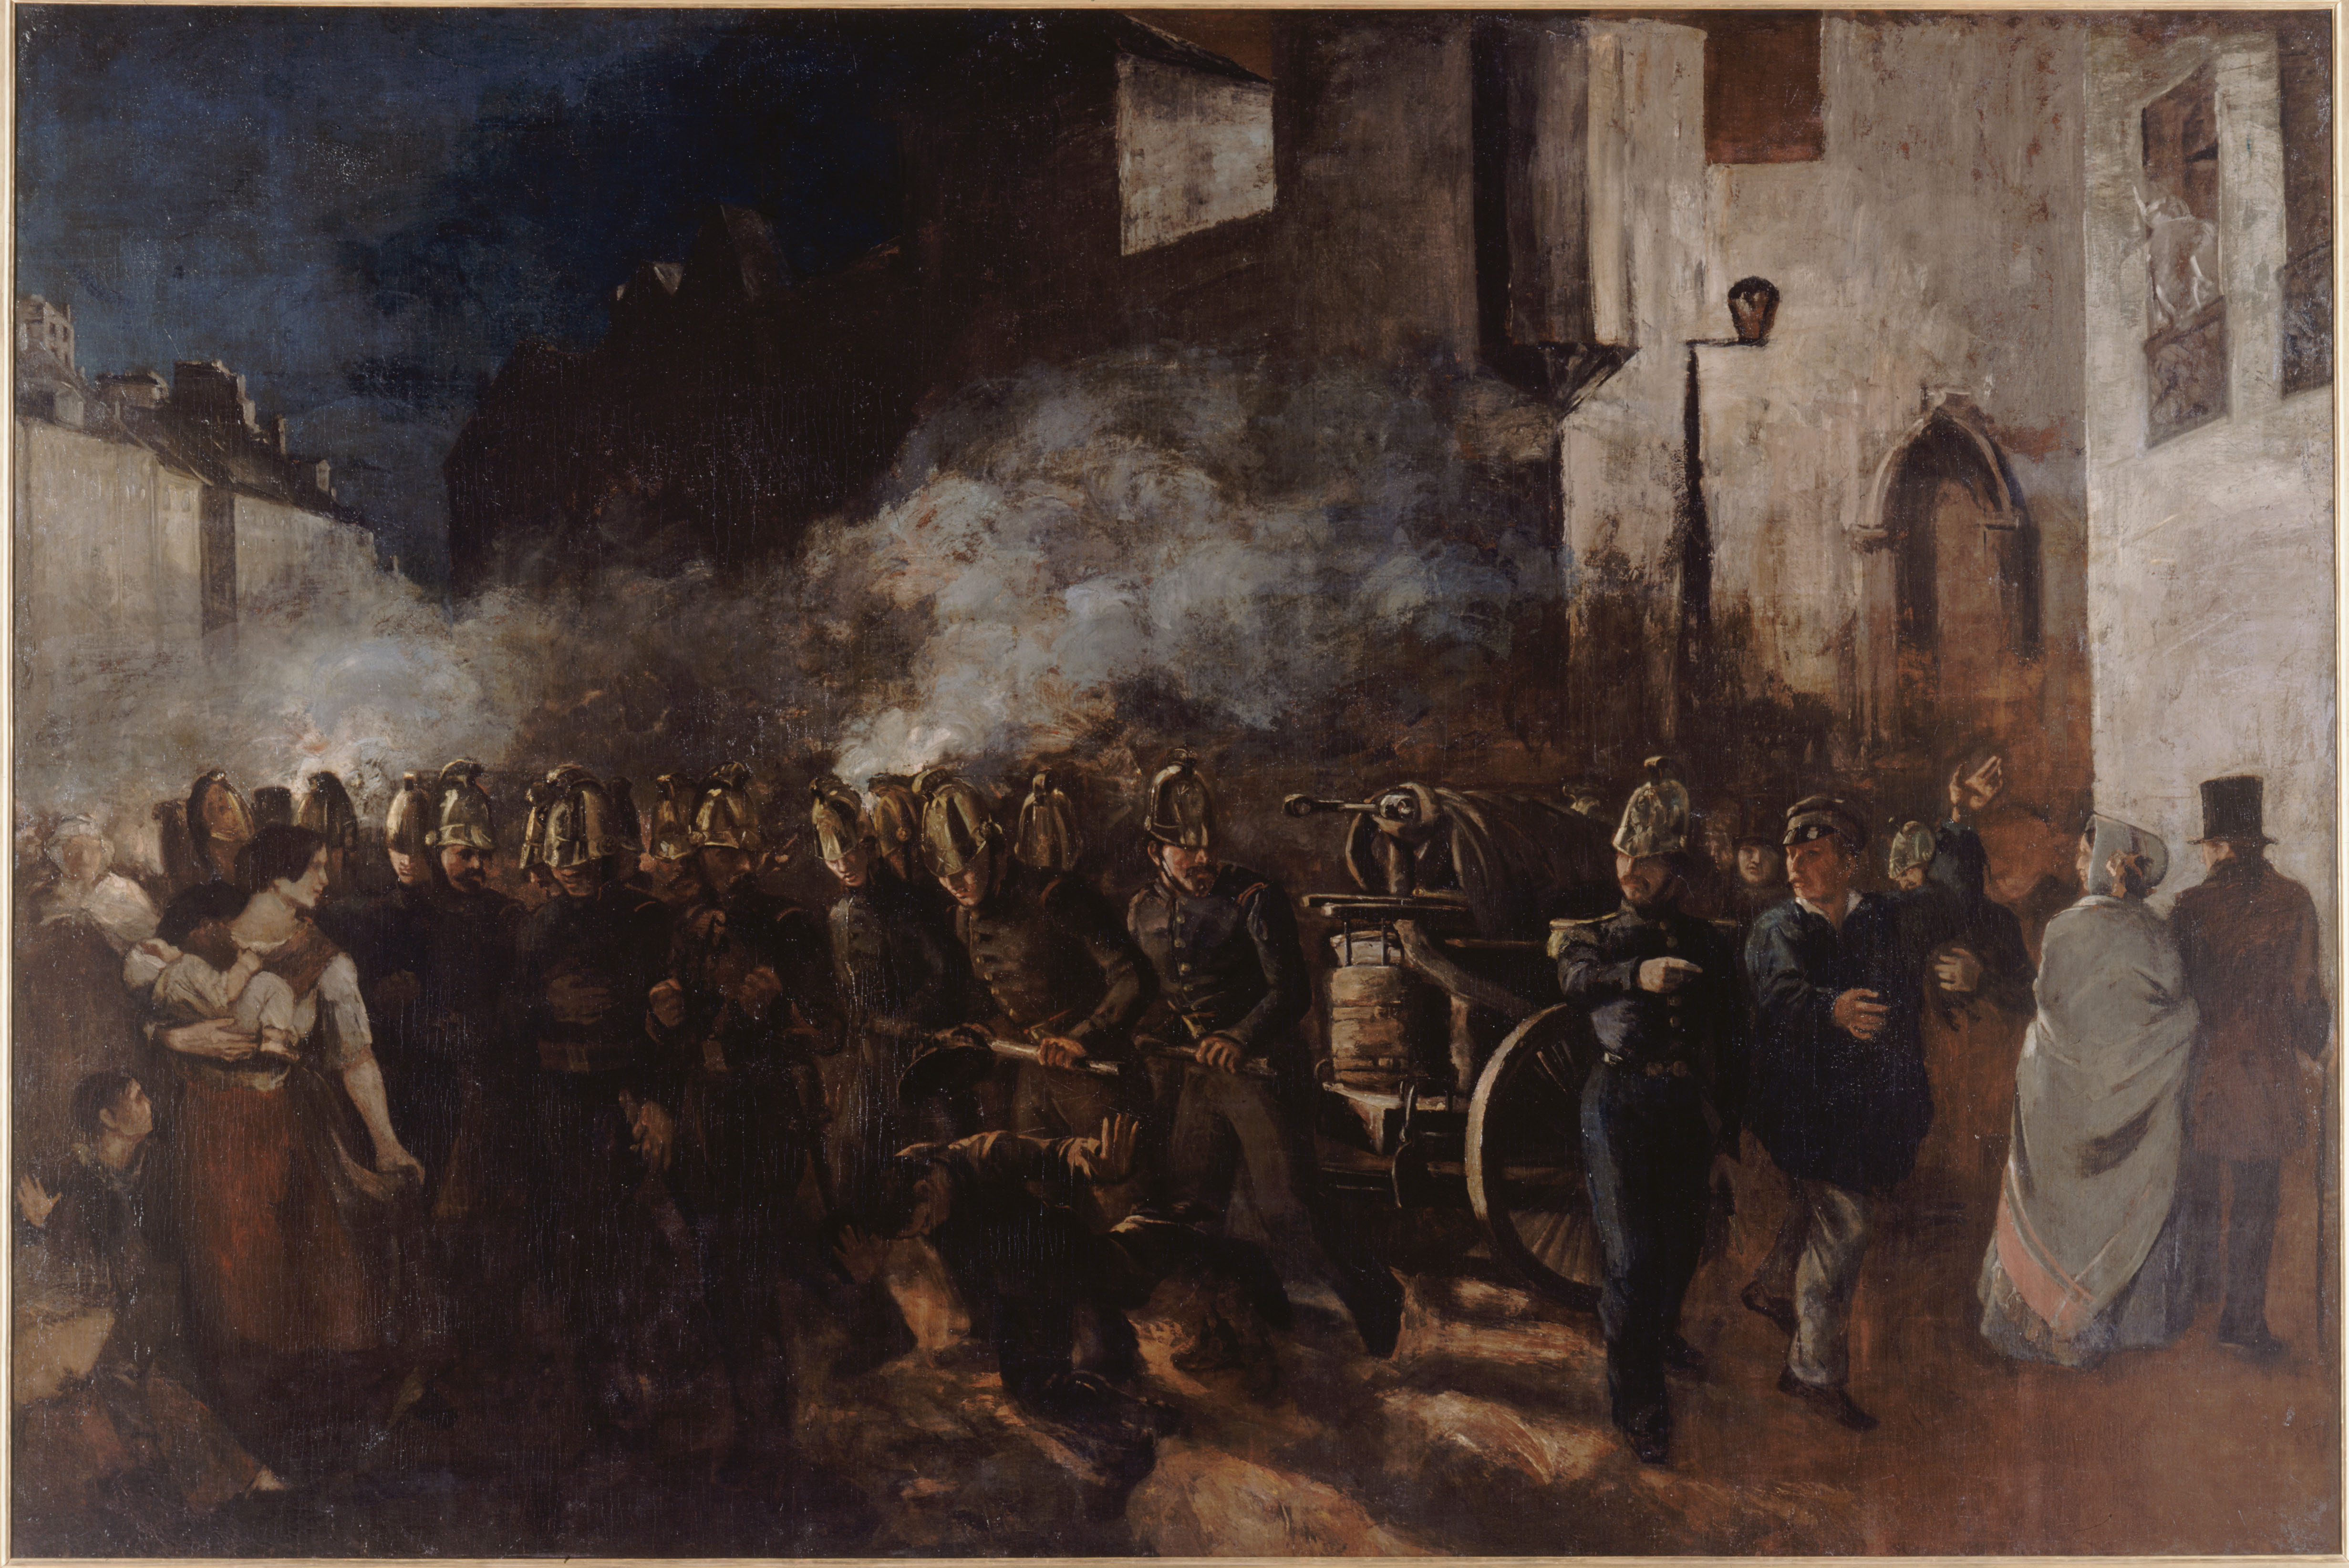 Gustave Courbet - Pompiers courant à un incendie